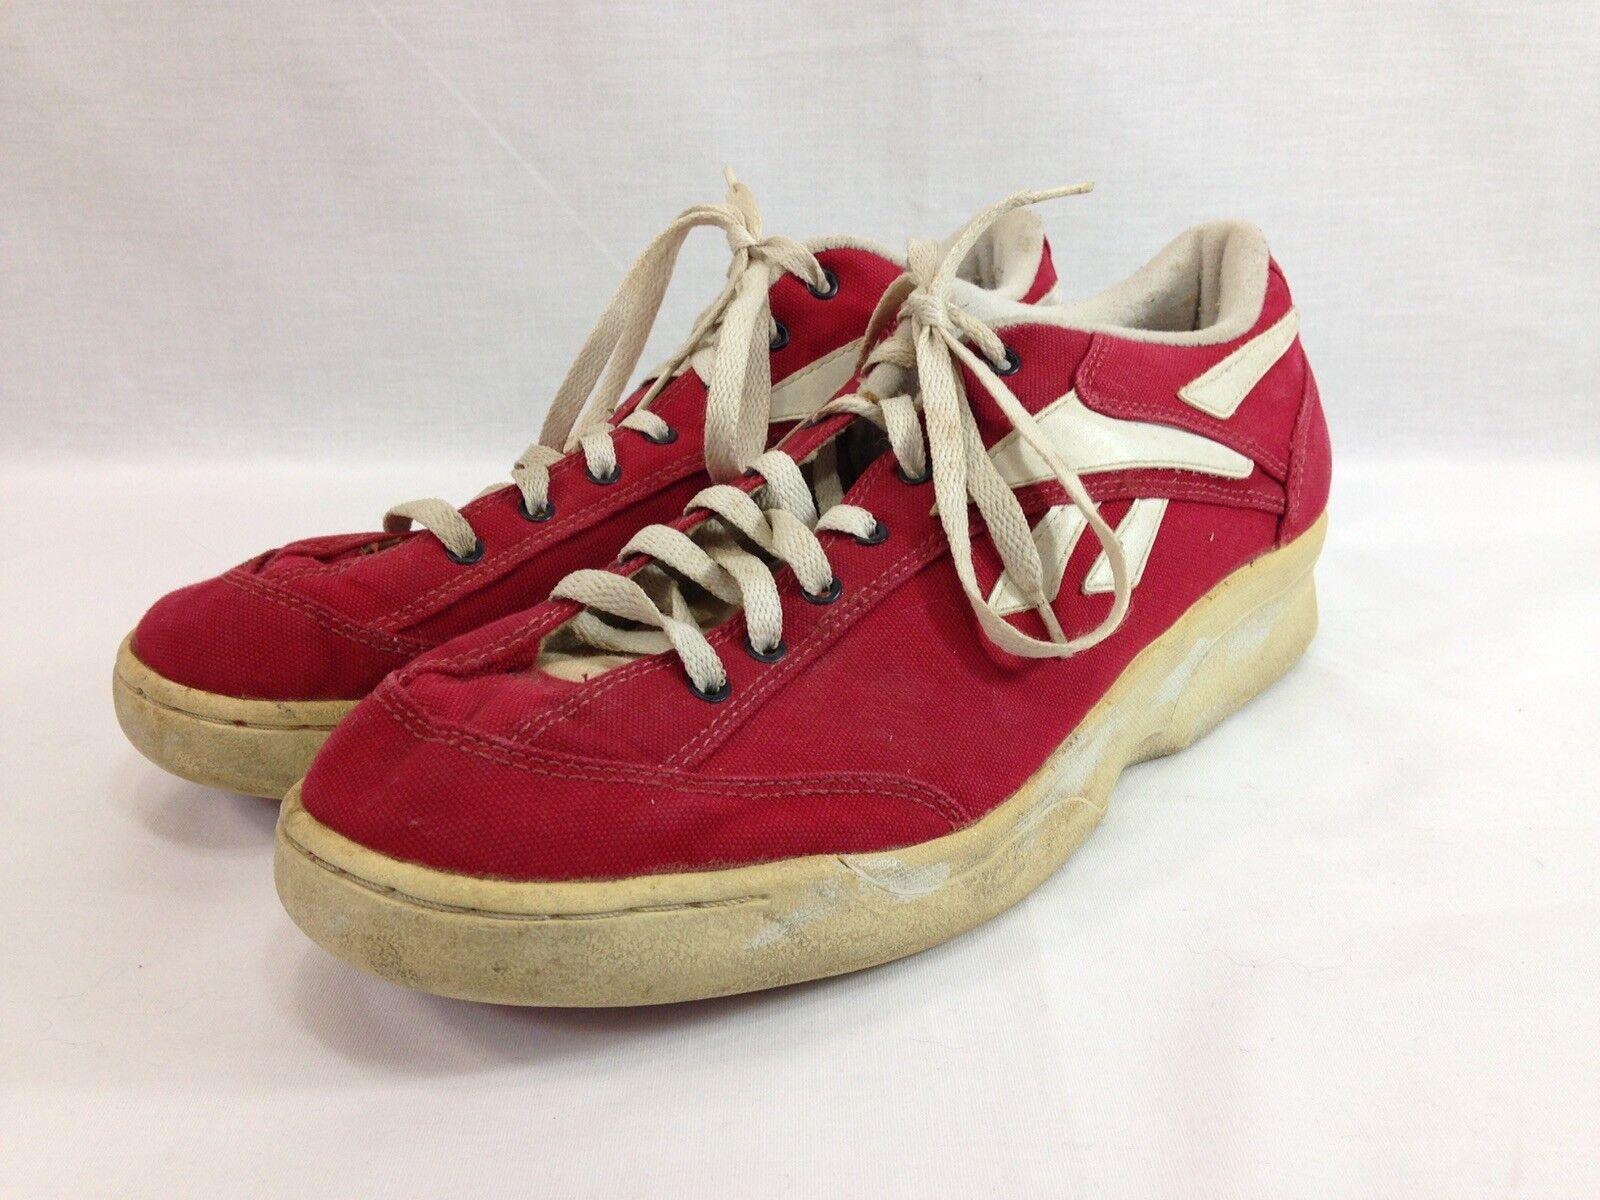 b43436b1 Vintage Reebok Clásico para hombre 12 rojo Canvas Low Top Con Cordones  Zapatos Tenis nthxpl4462-Zapatillas deportivas